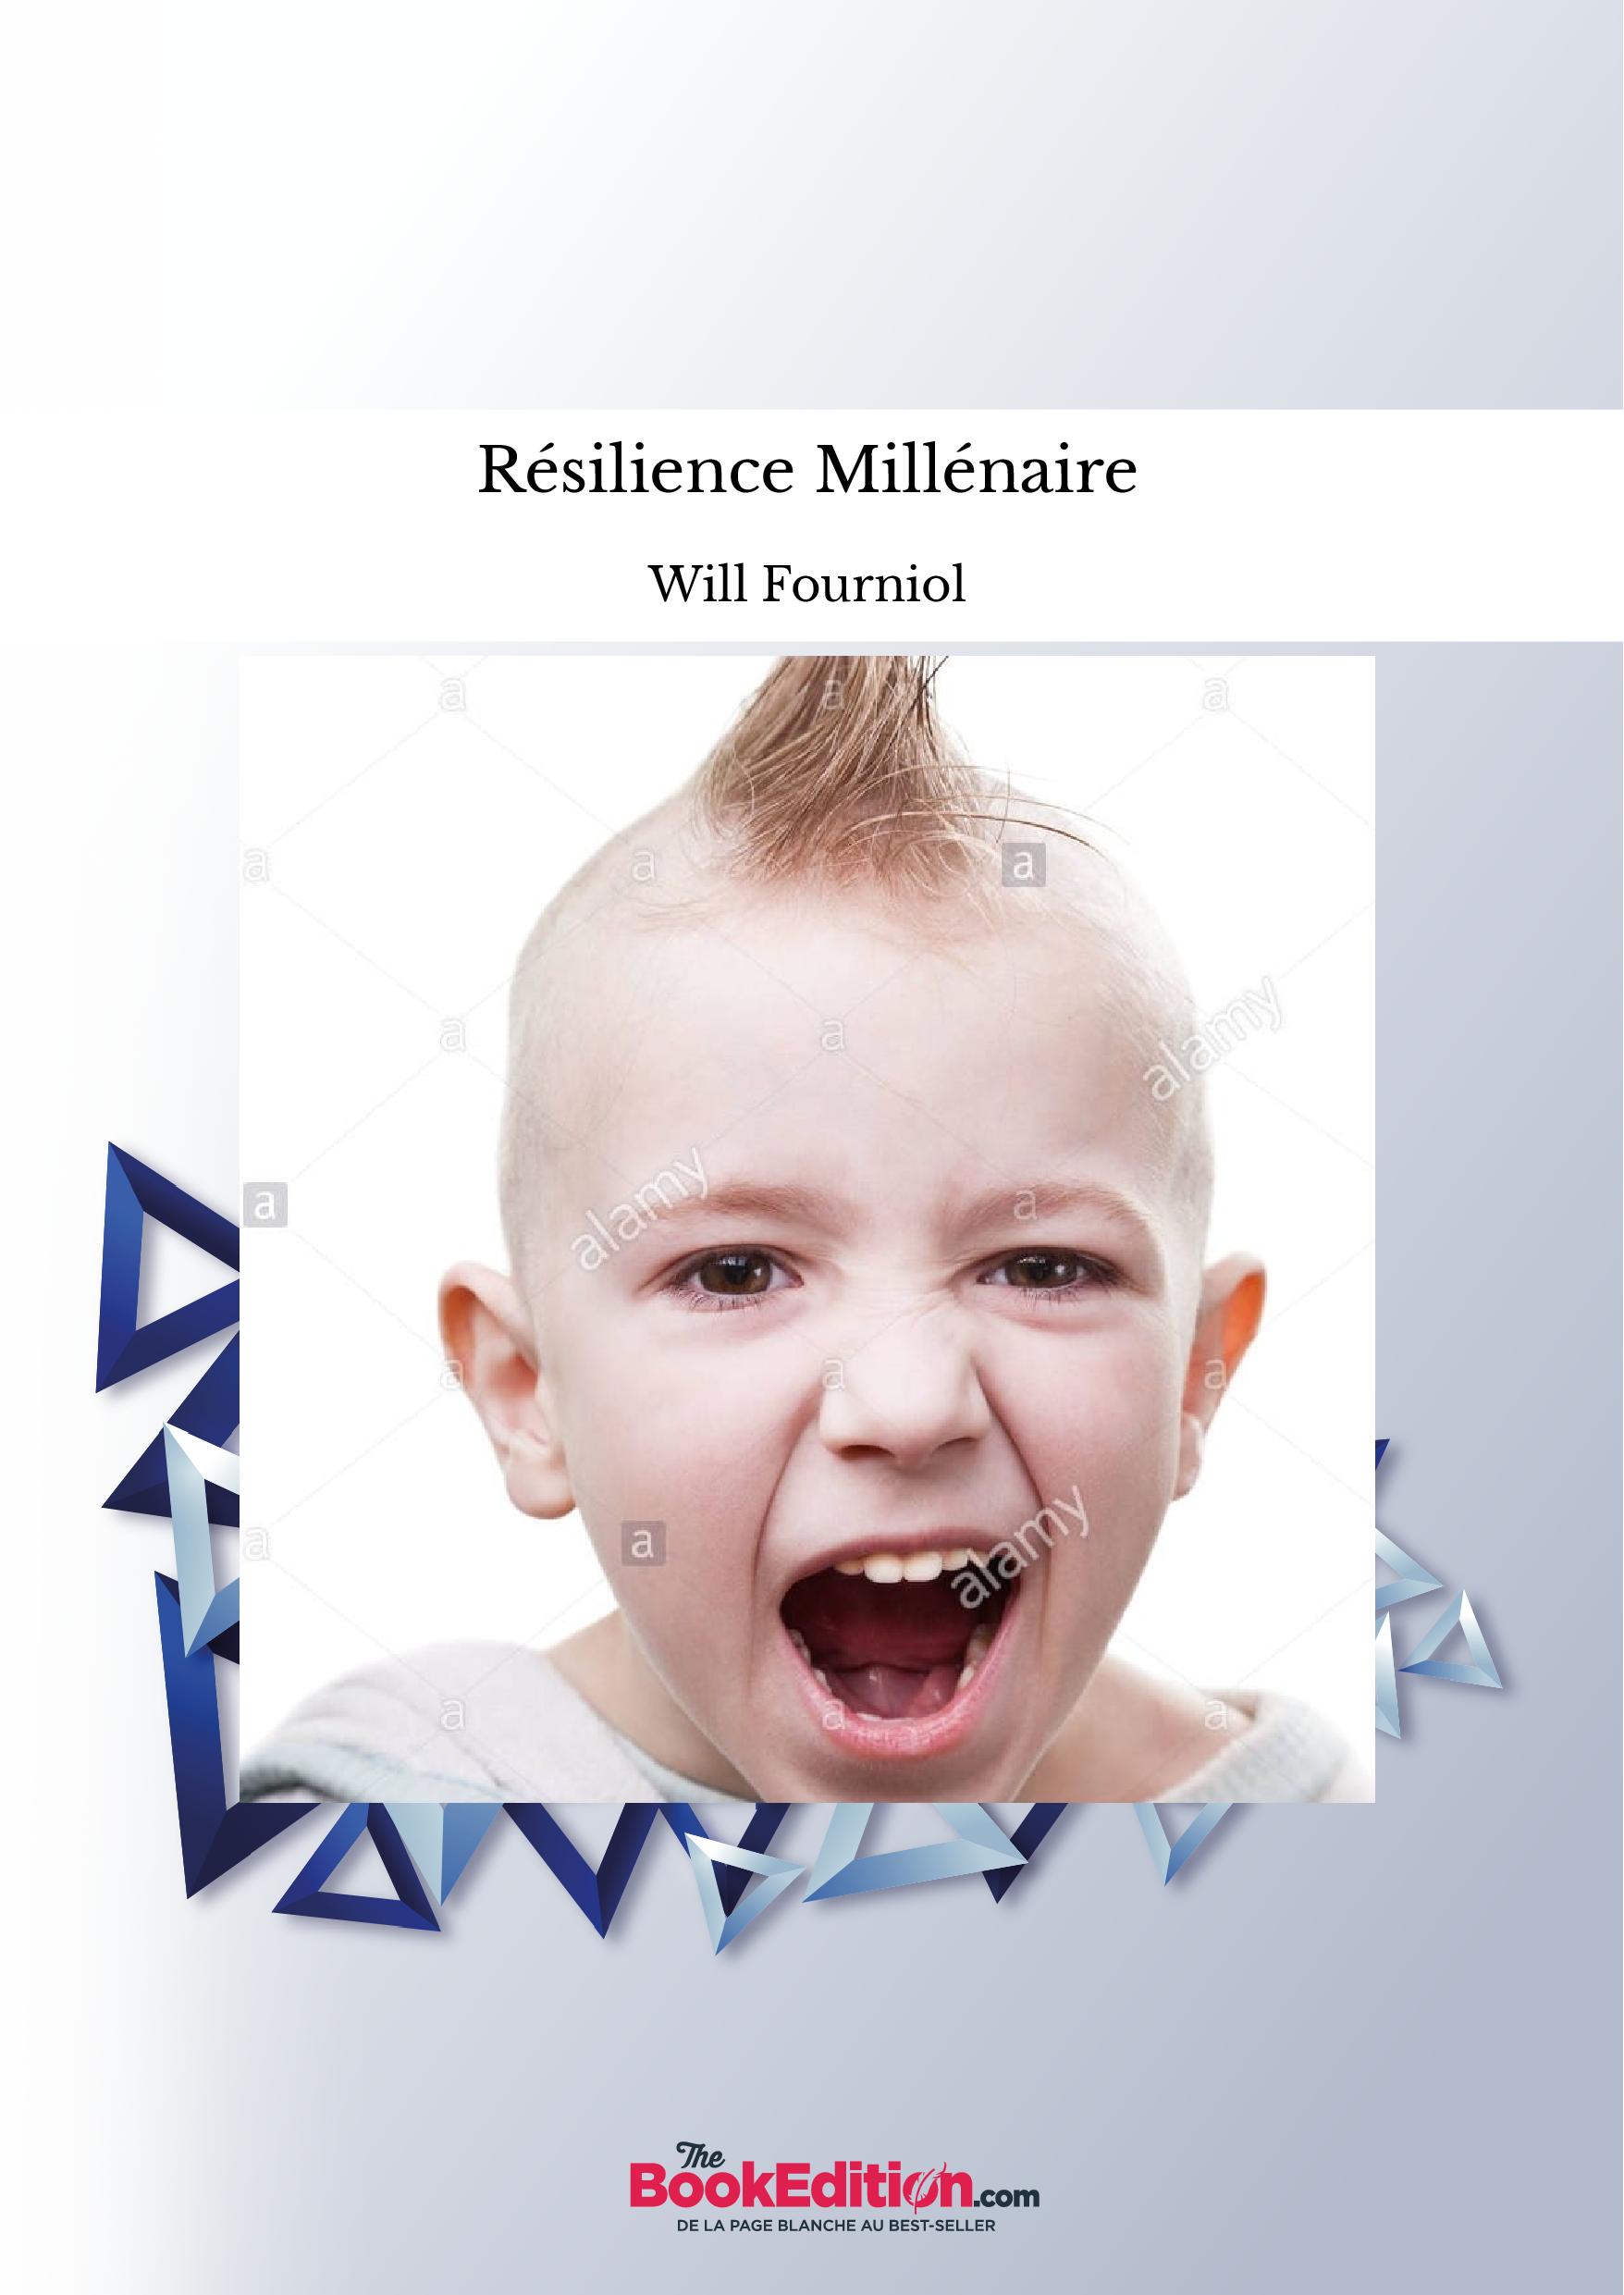 Résilience Millénaire